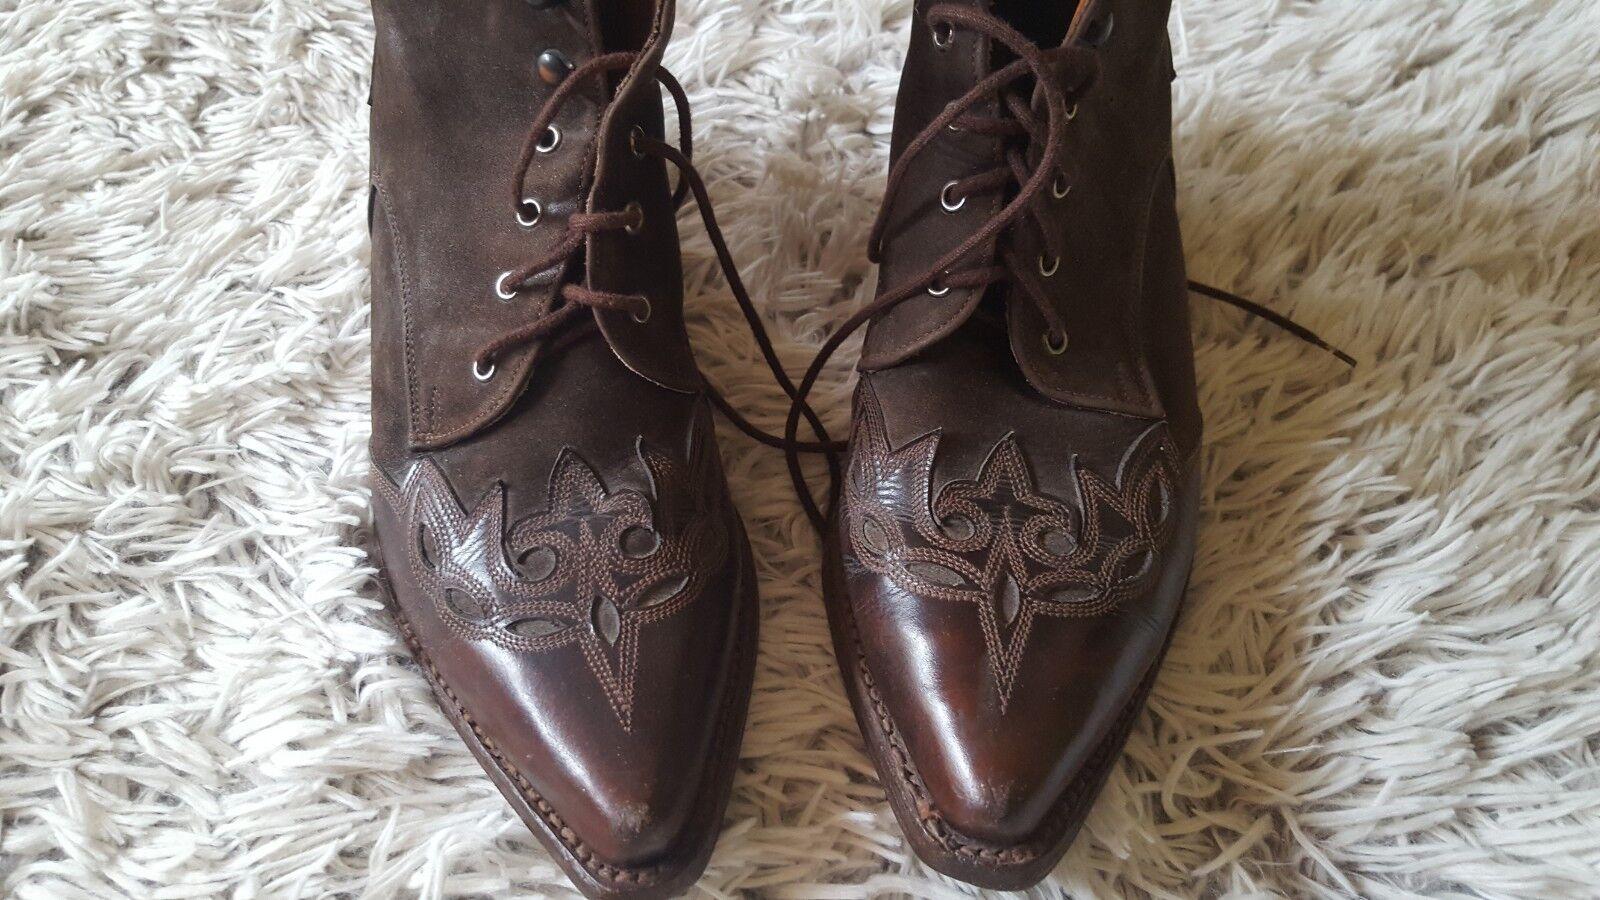 Stiefel Leder Leder Stiefel Cowgirlstiefel braun Gr. 38 dae06f